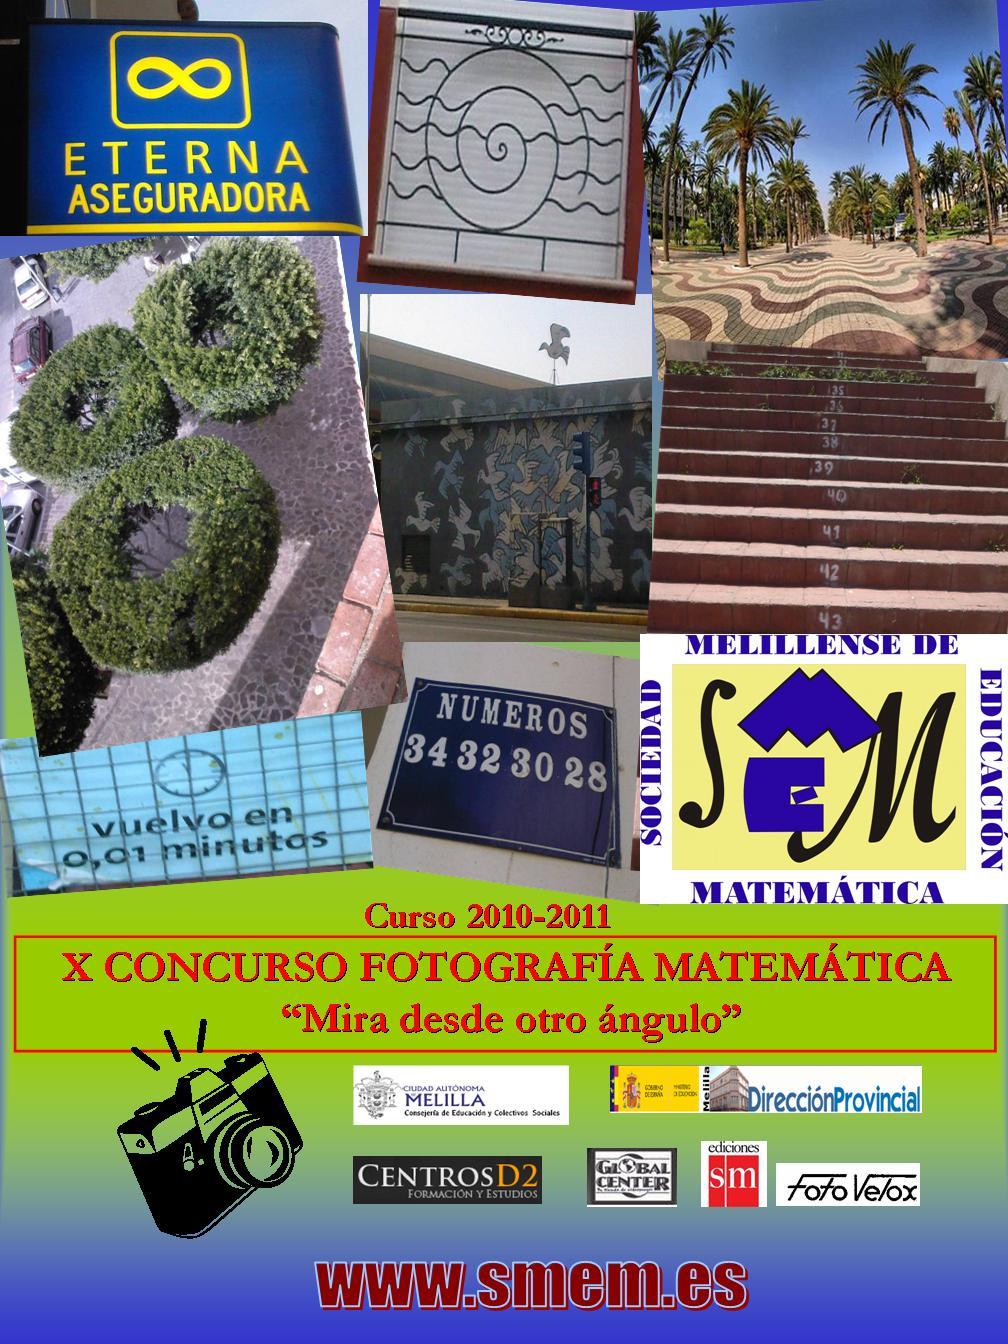 Cartel IX CONCURSO FOTOGRAFÍA MATEMÁTICA